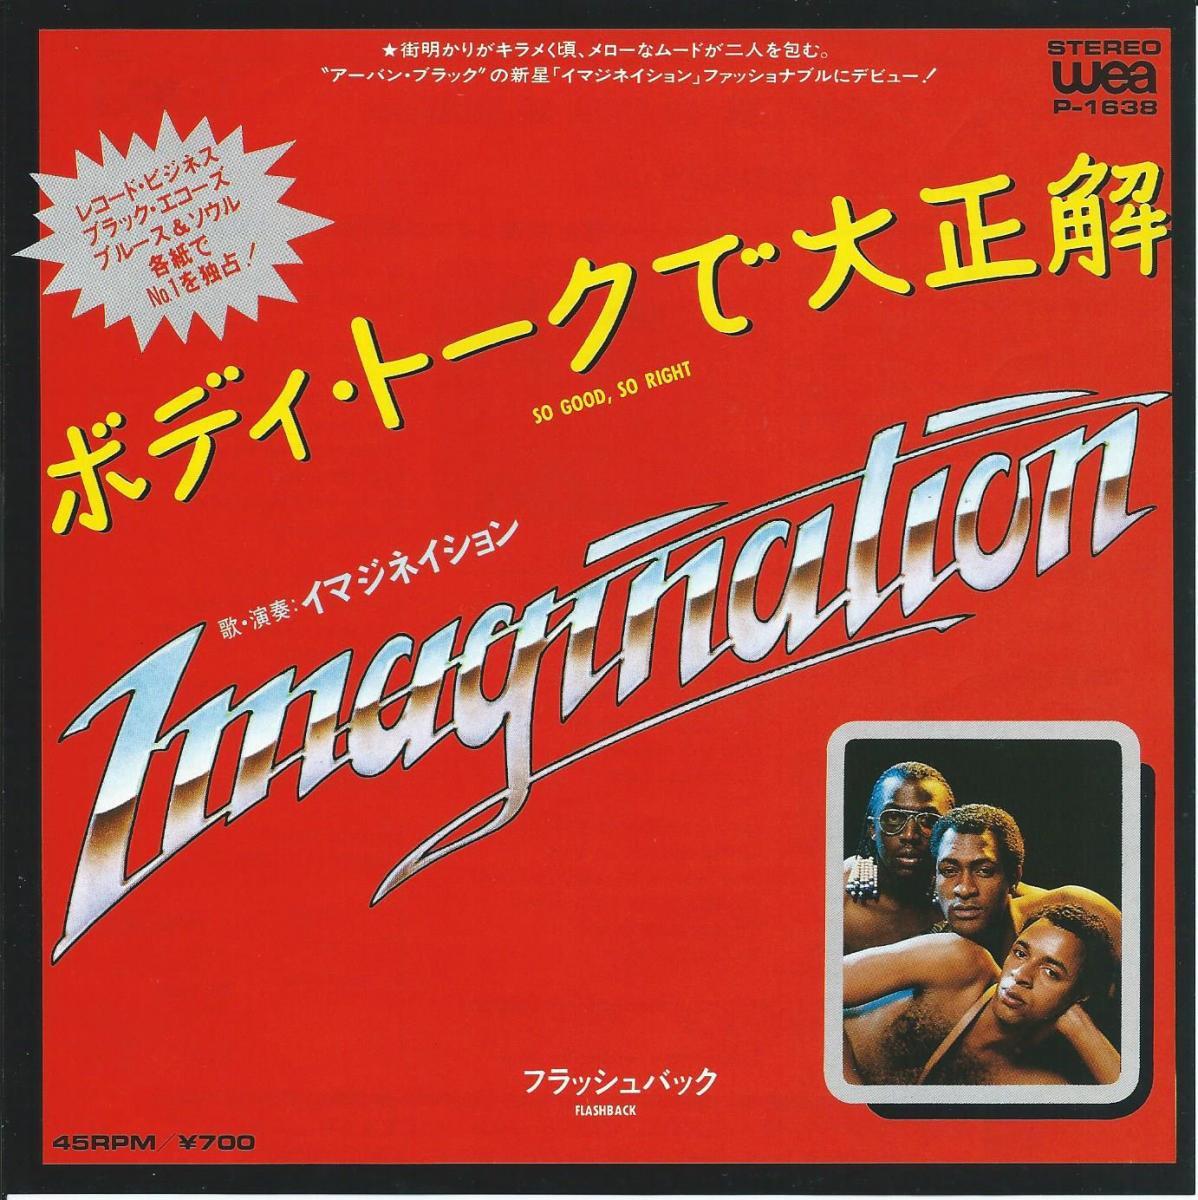 イマジネイション IMAGINATION / ボディ・トークで大正解 SO GOOD,SO RIGHT / フラッシュバック FLASHBACK (7